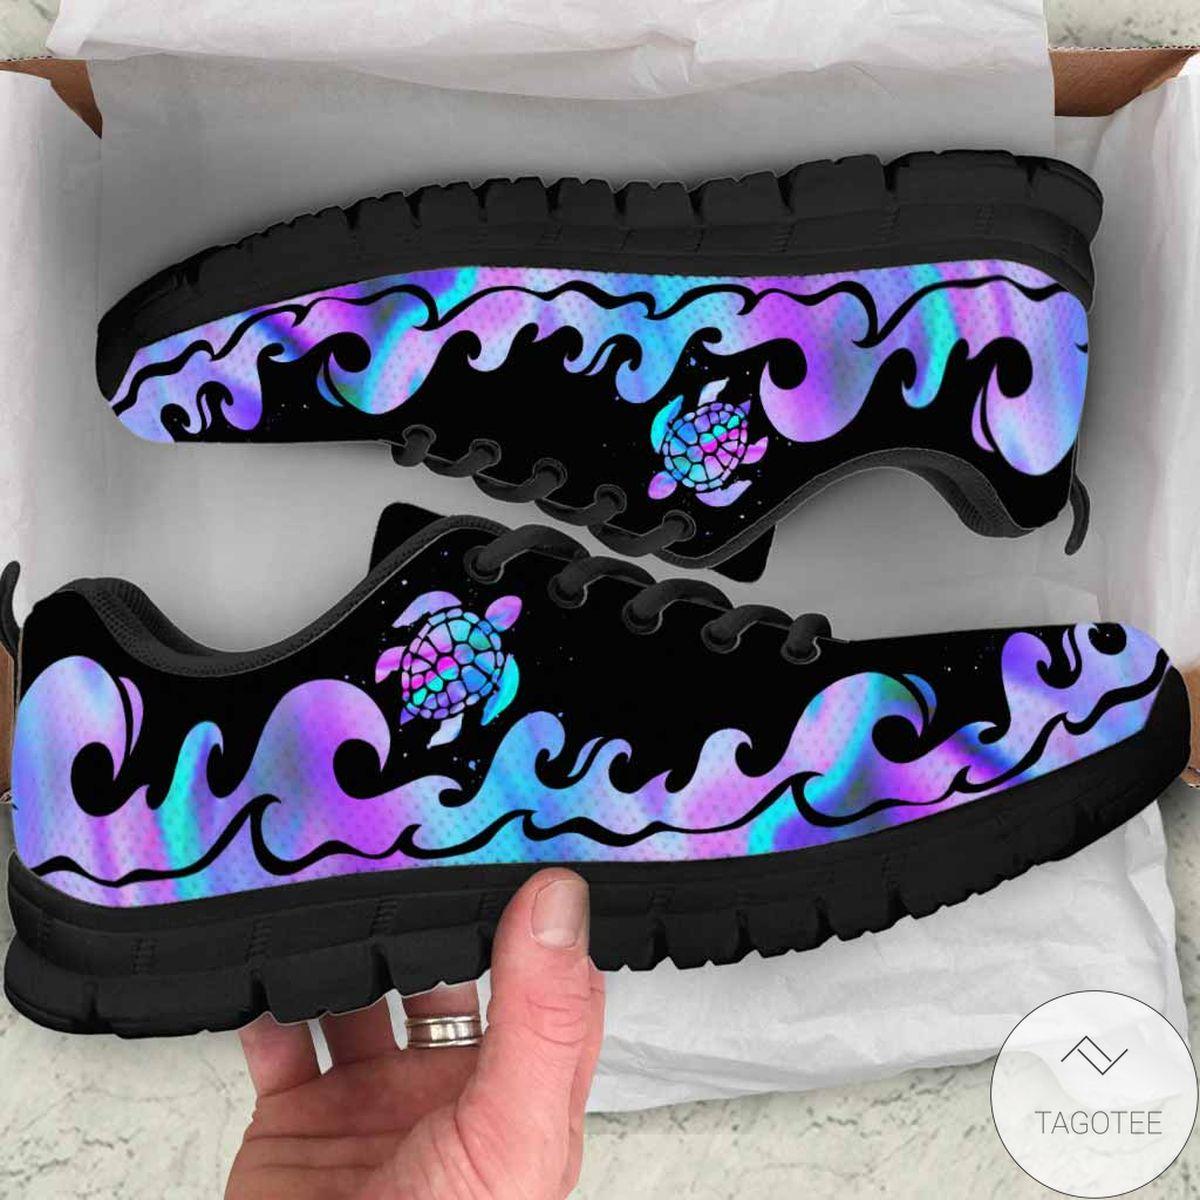 Love Turtle Sneakers